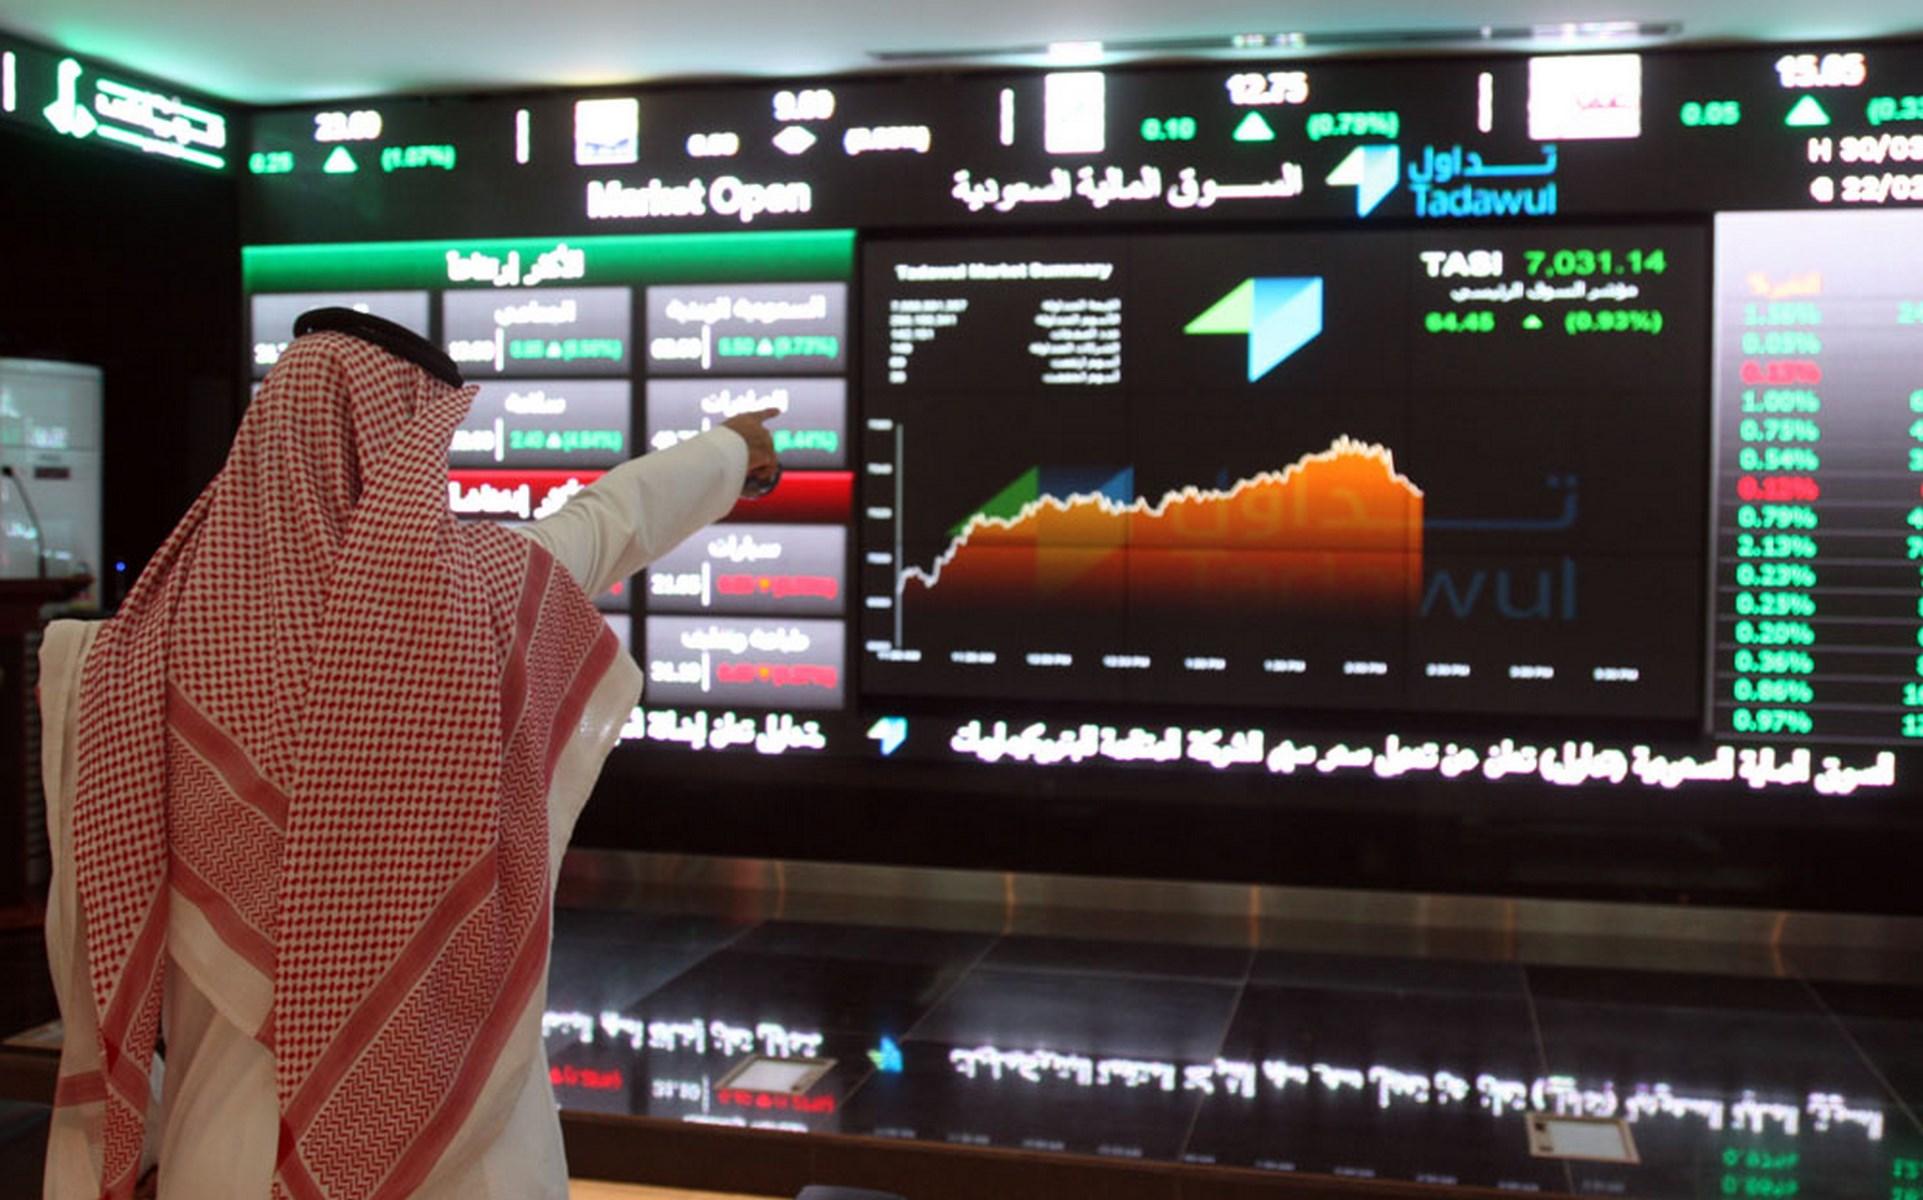 سوق الأسهم السعودية يغلق مرتفعاً عند 7021.57 نقطة   صحيفة الاقتصادية